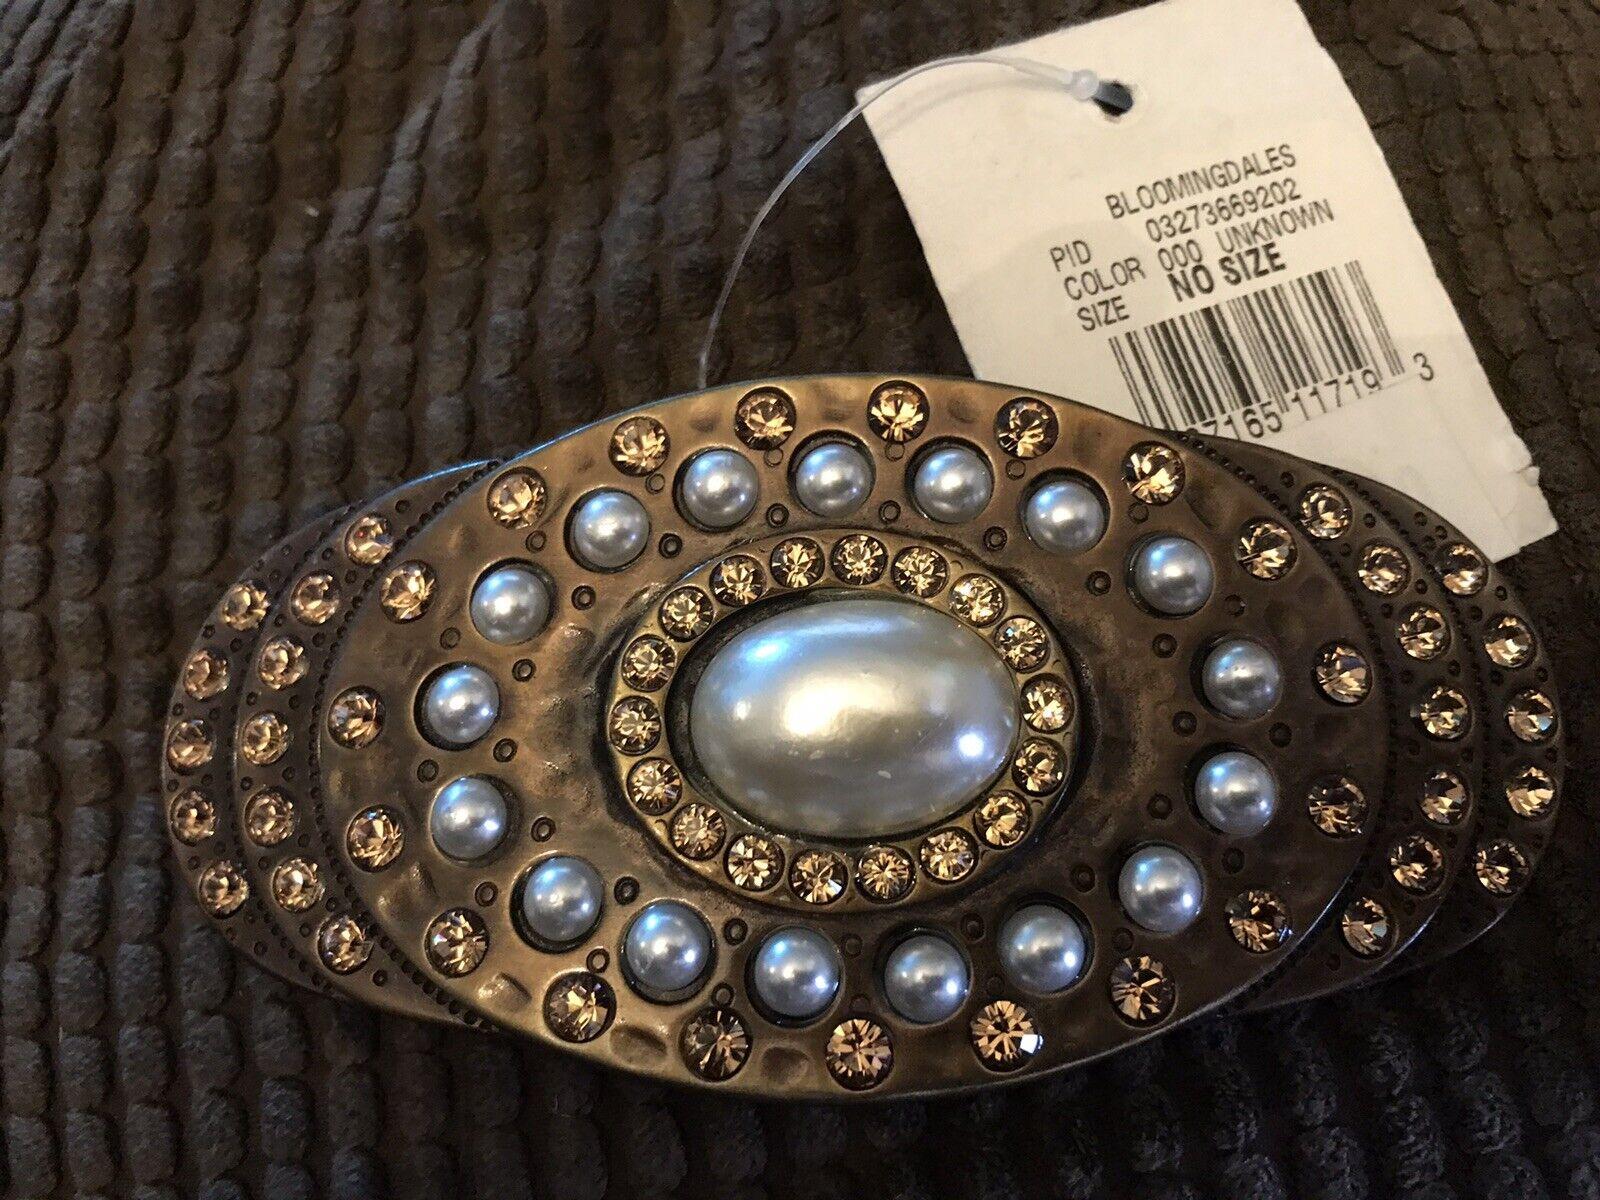 NEW Bloomingdales BLING Rhinestones/Pearls -BELT BUCKLE -Metal Made in Italy